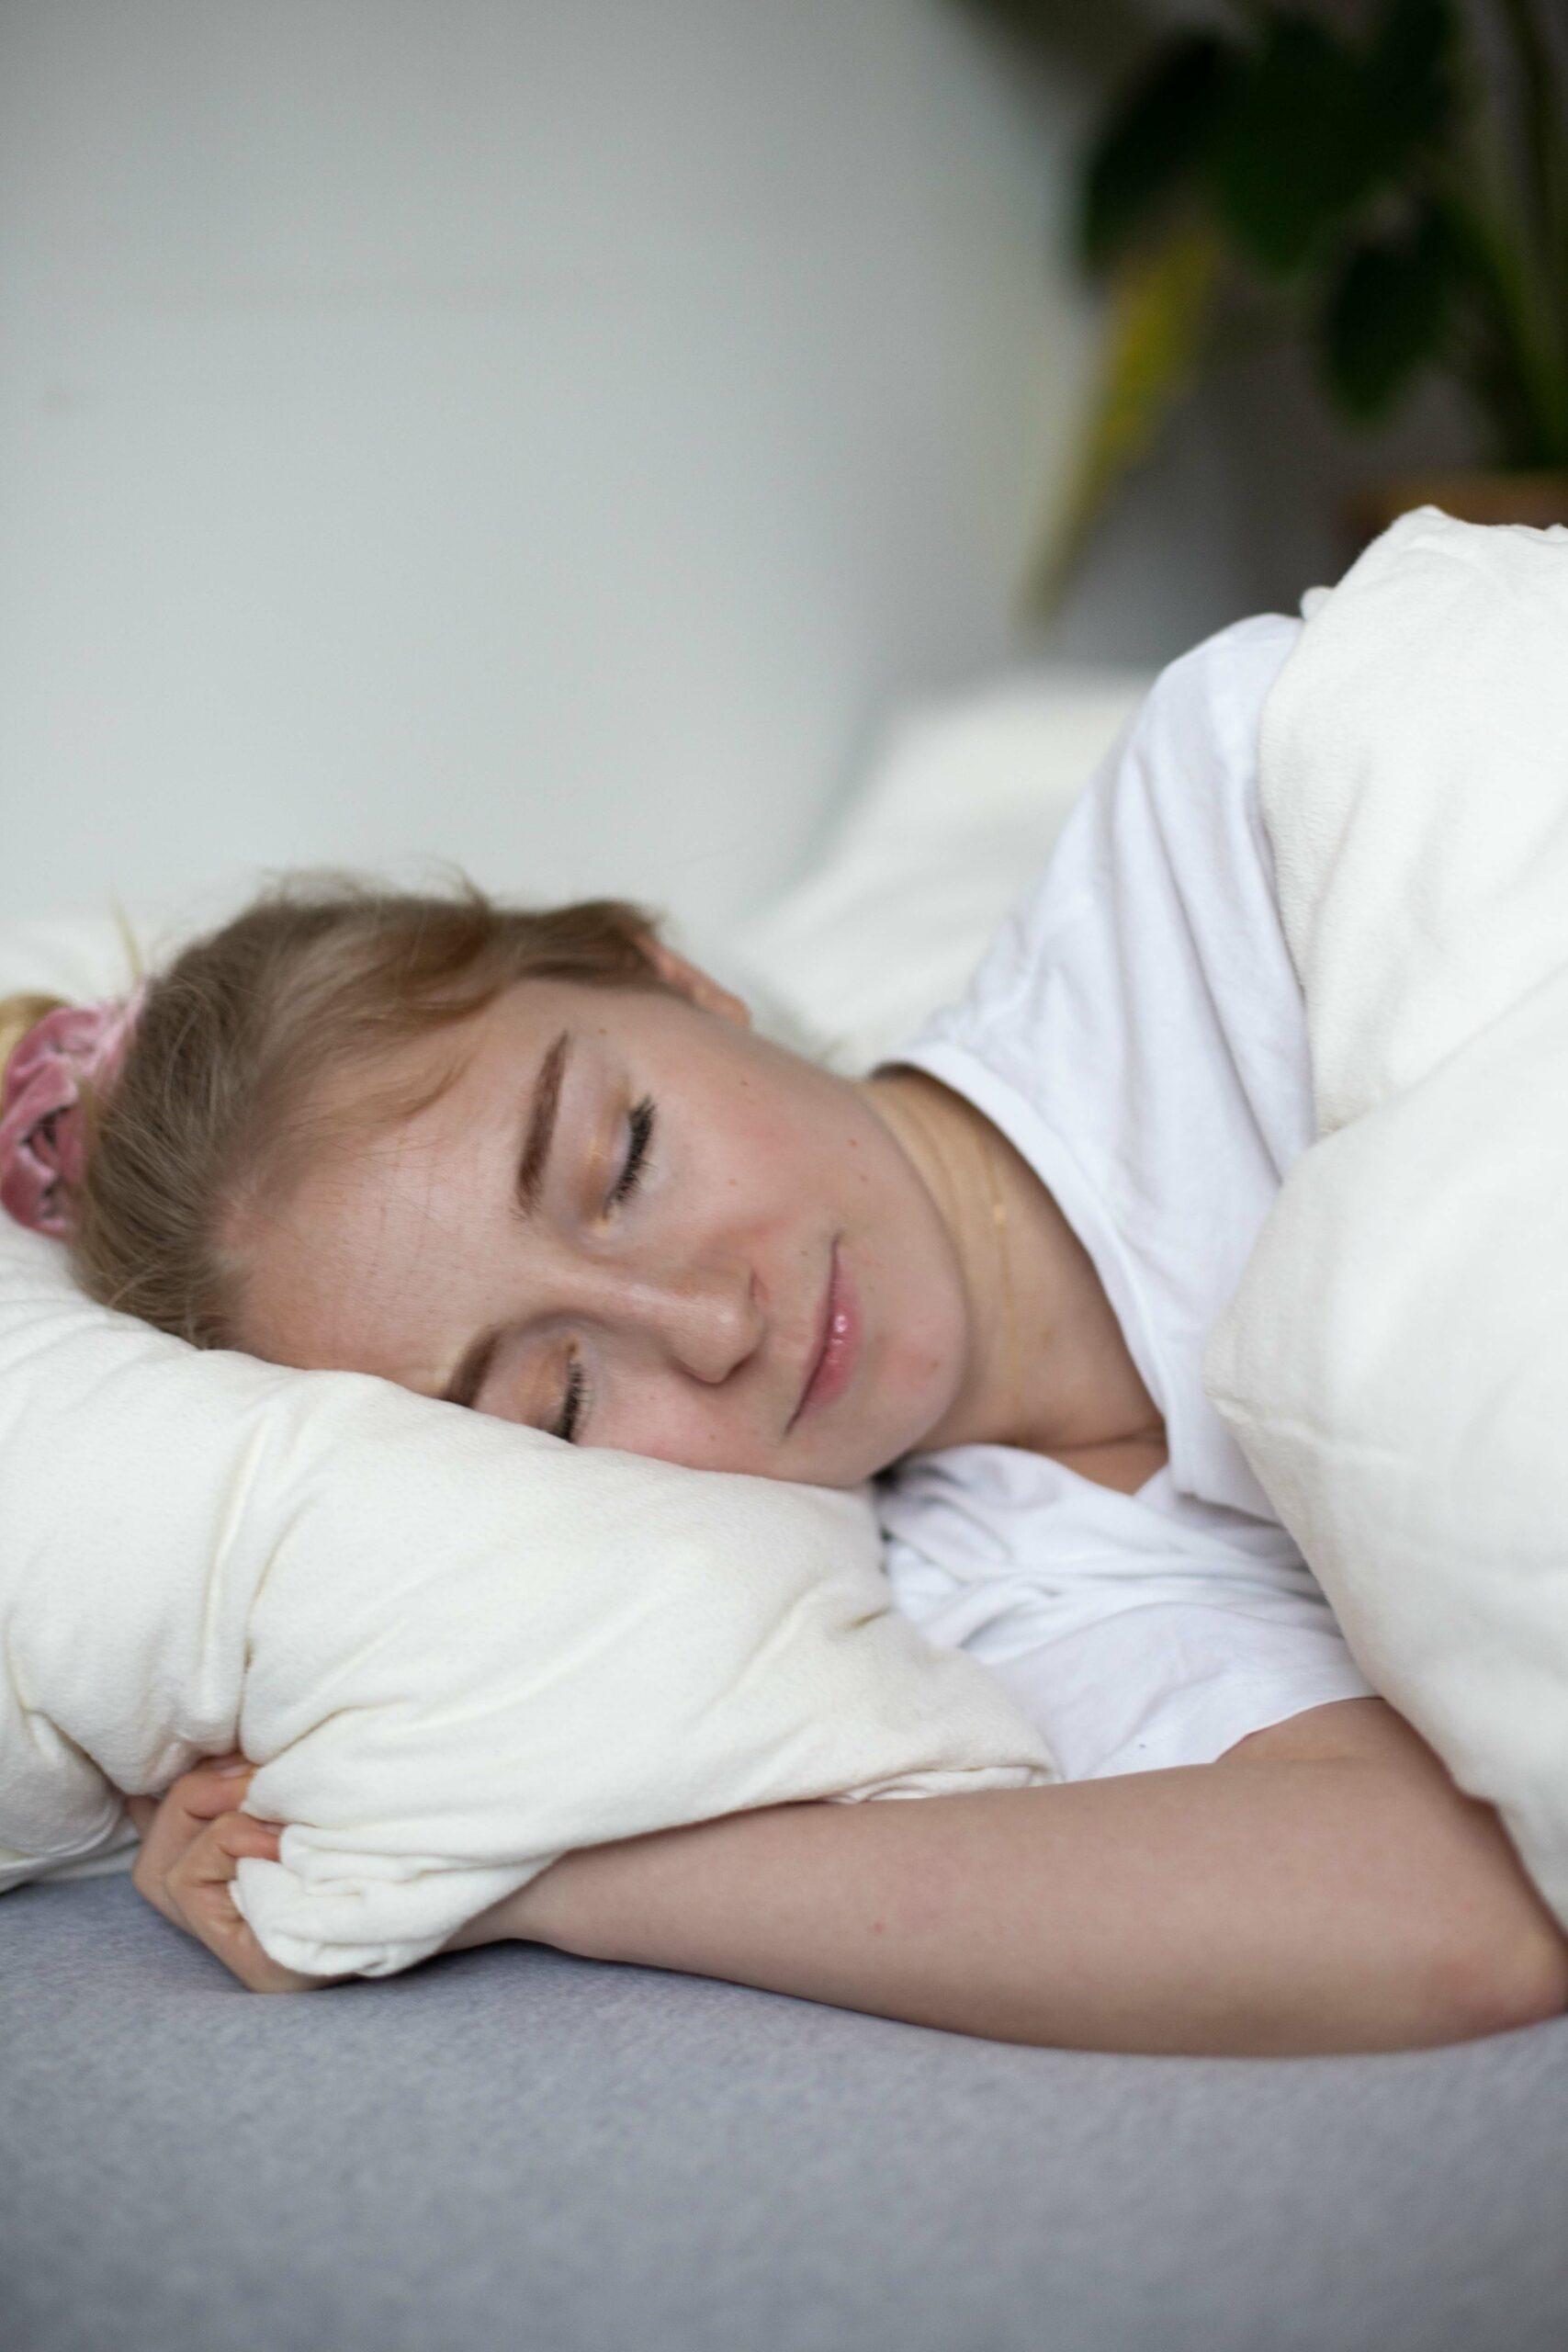 tipps einschlafen besser schlafen schlafstudie-2